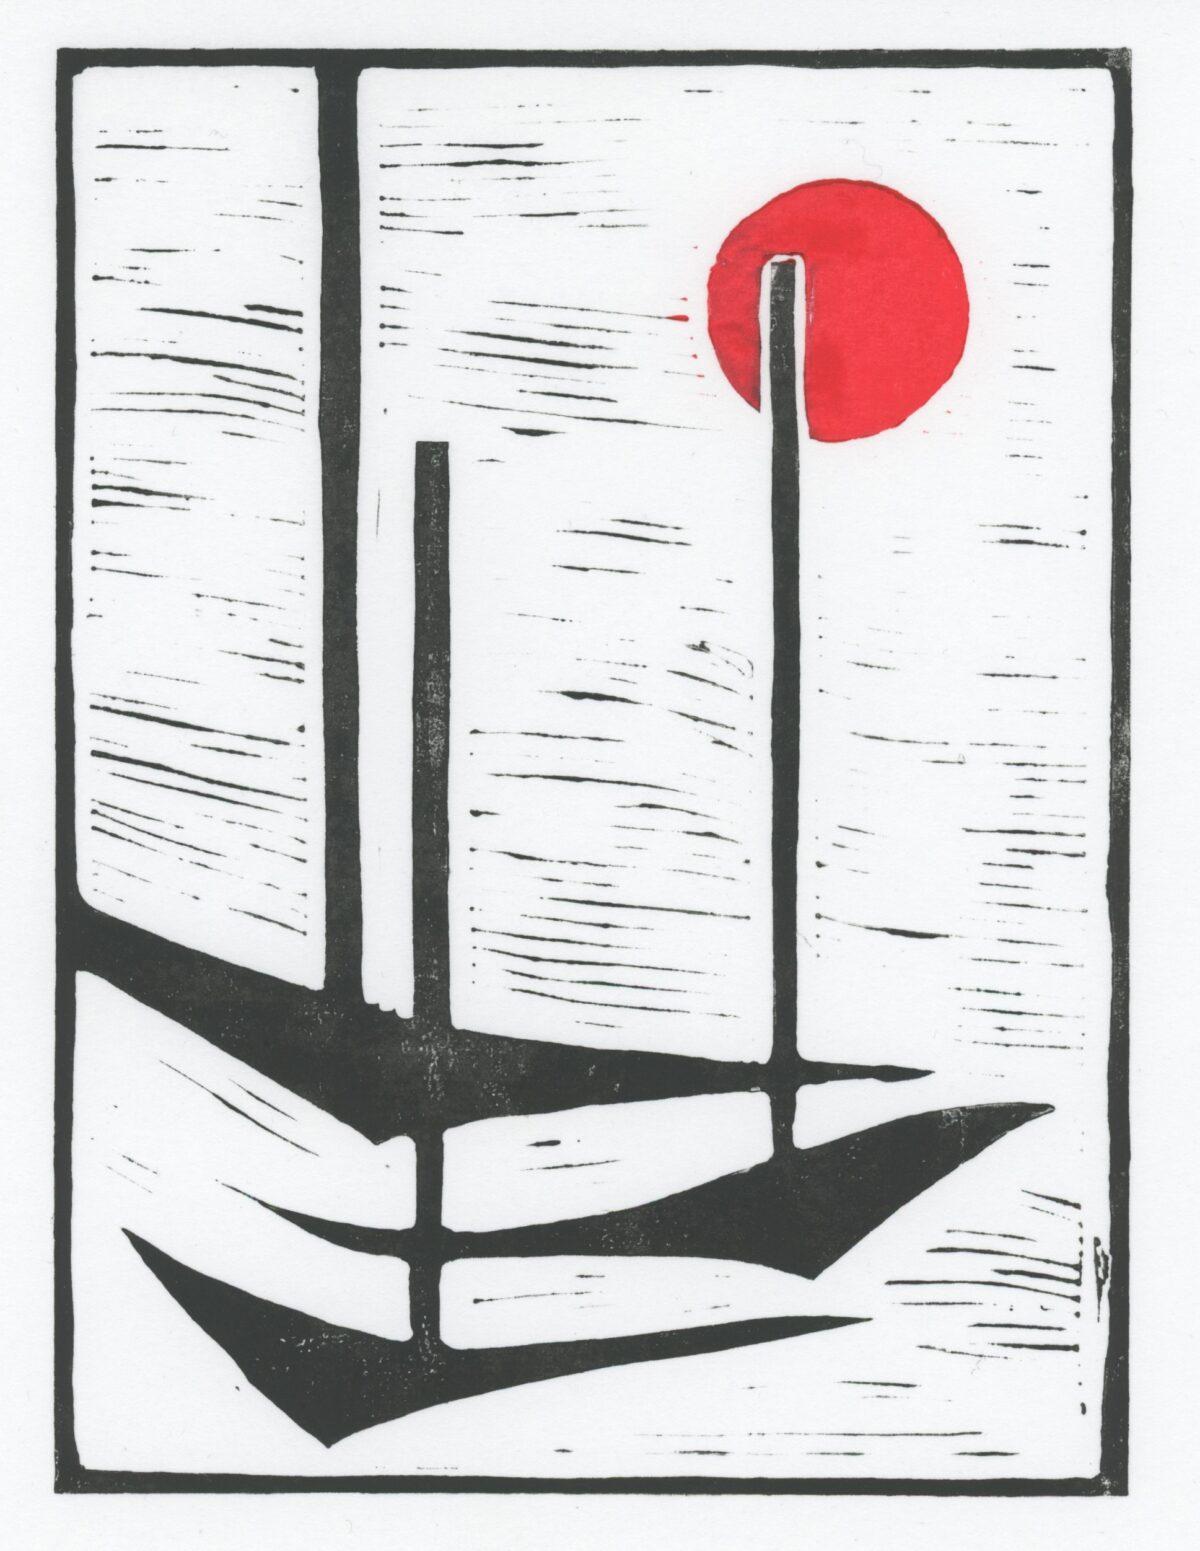 Rossberg in der RBV Verlag GmbH Boote Sonne Druck